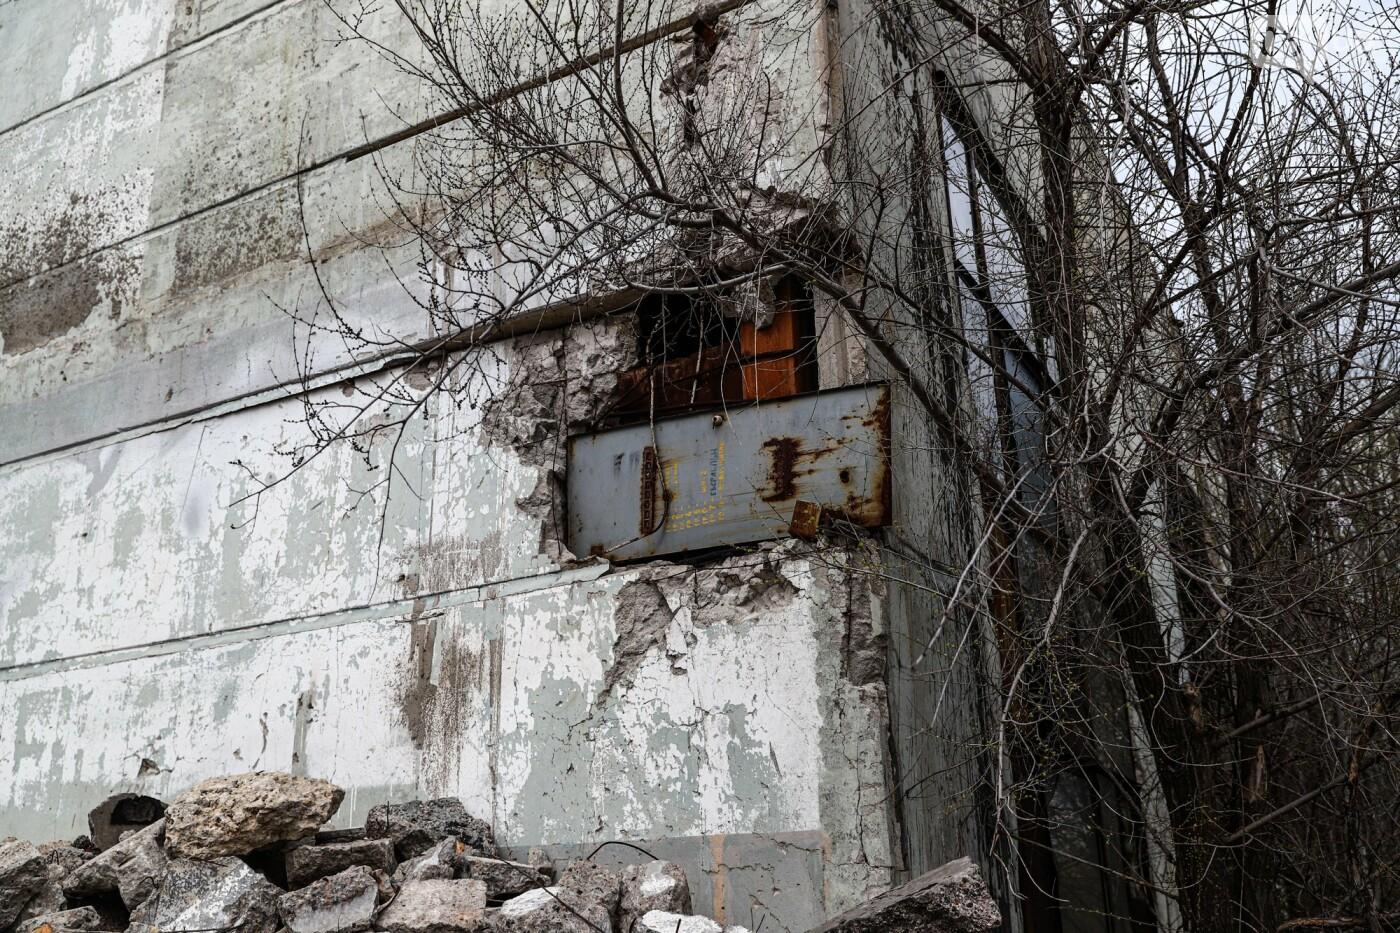 В Степногорске пытаются разобрать на металлолом шахту - промплощадка ГОКа превратилась в руины, - ФОТОРЕПОРТАЖ , фото-21